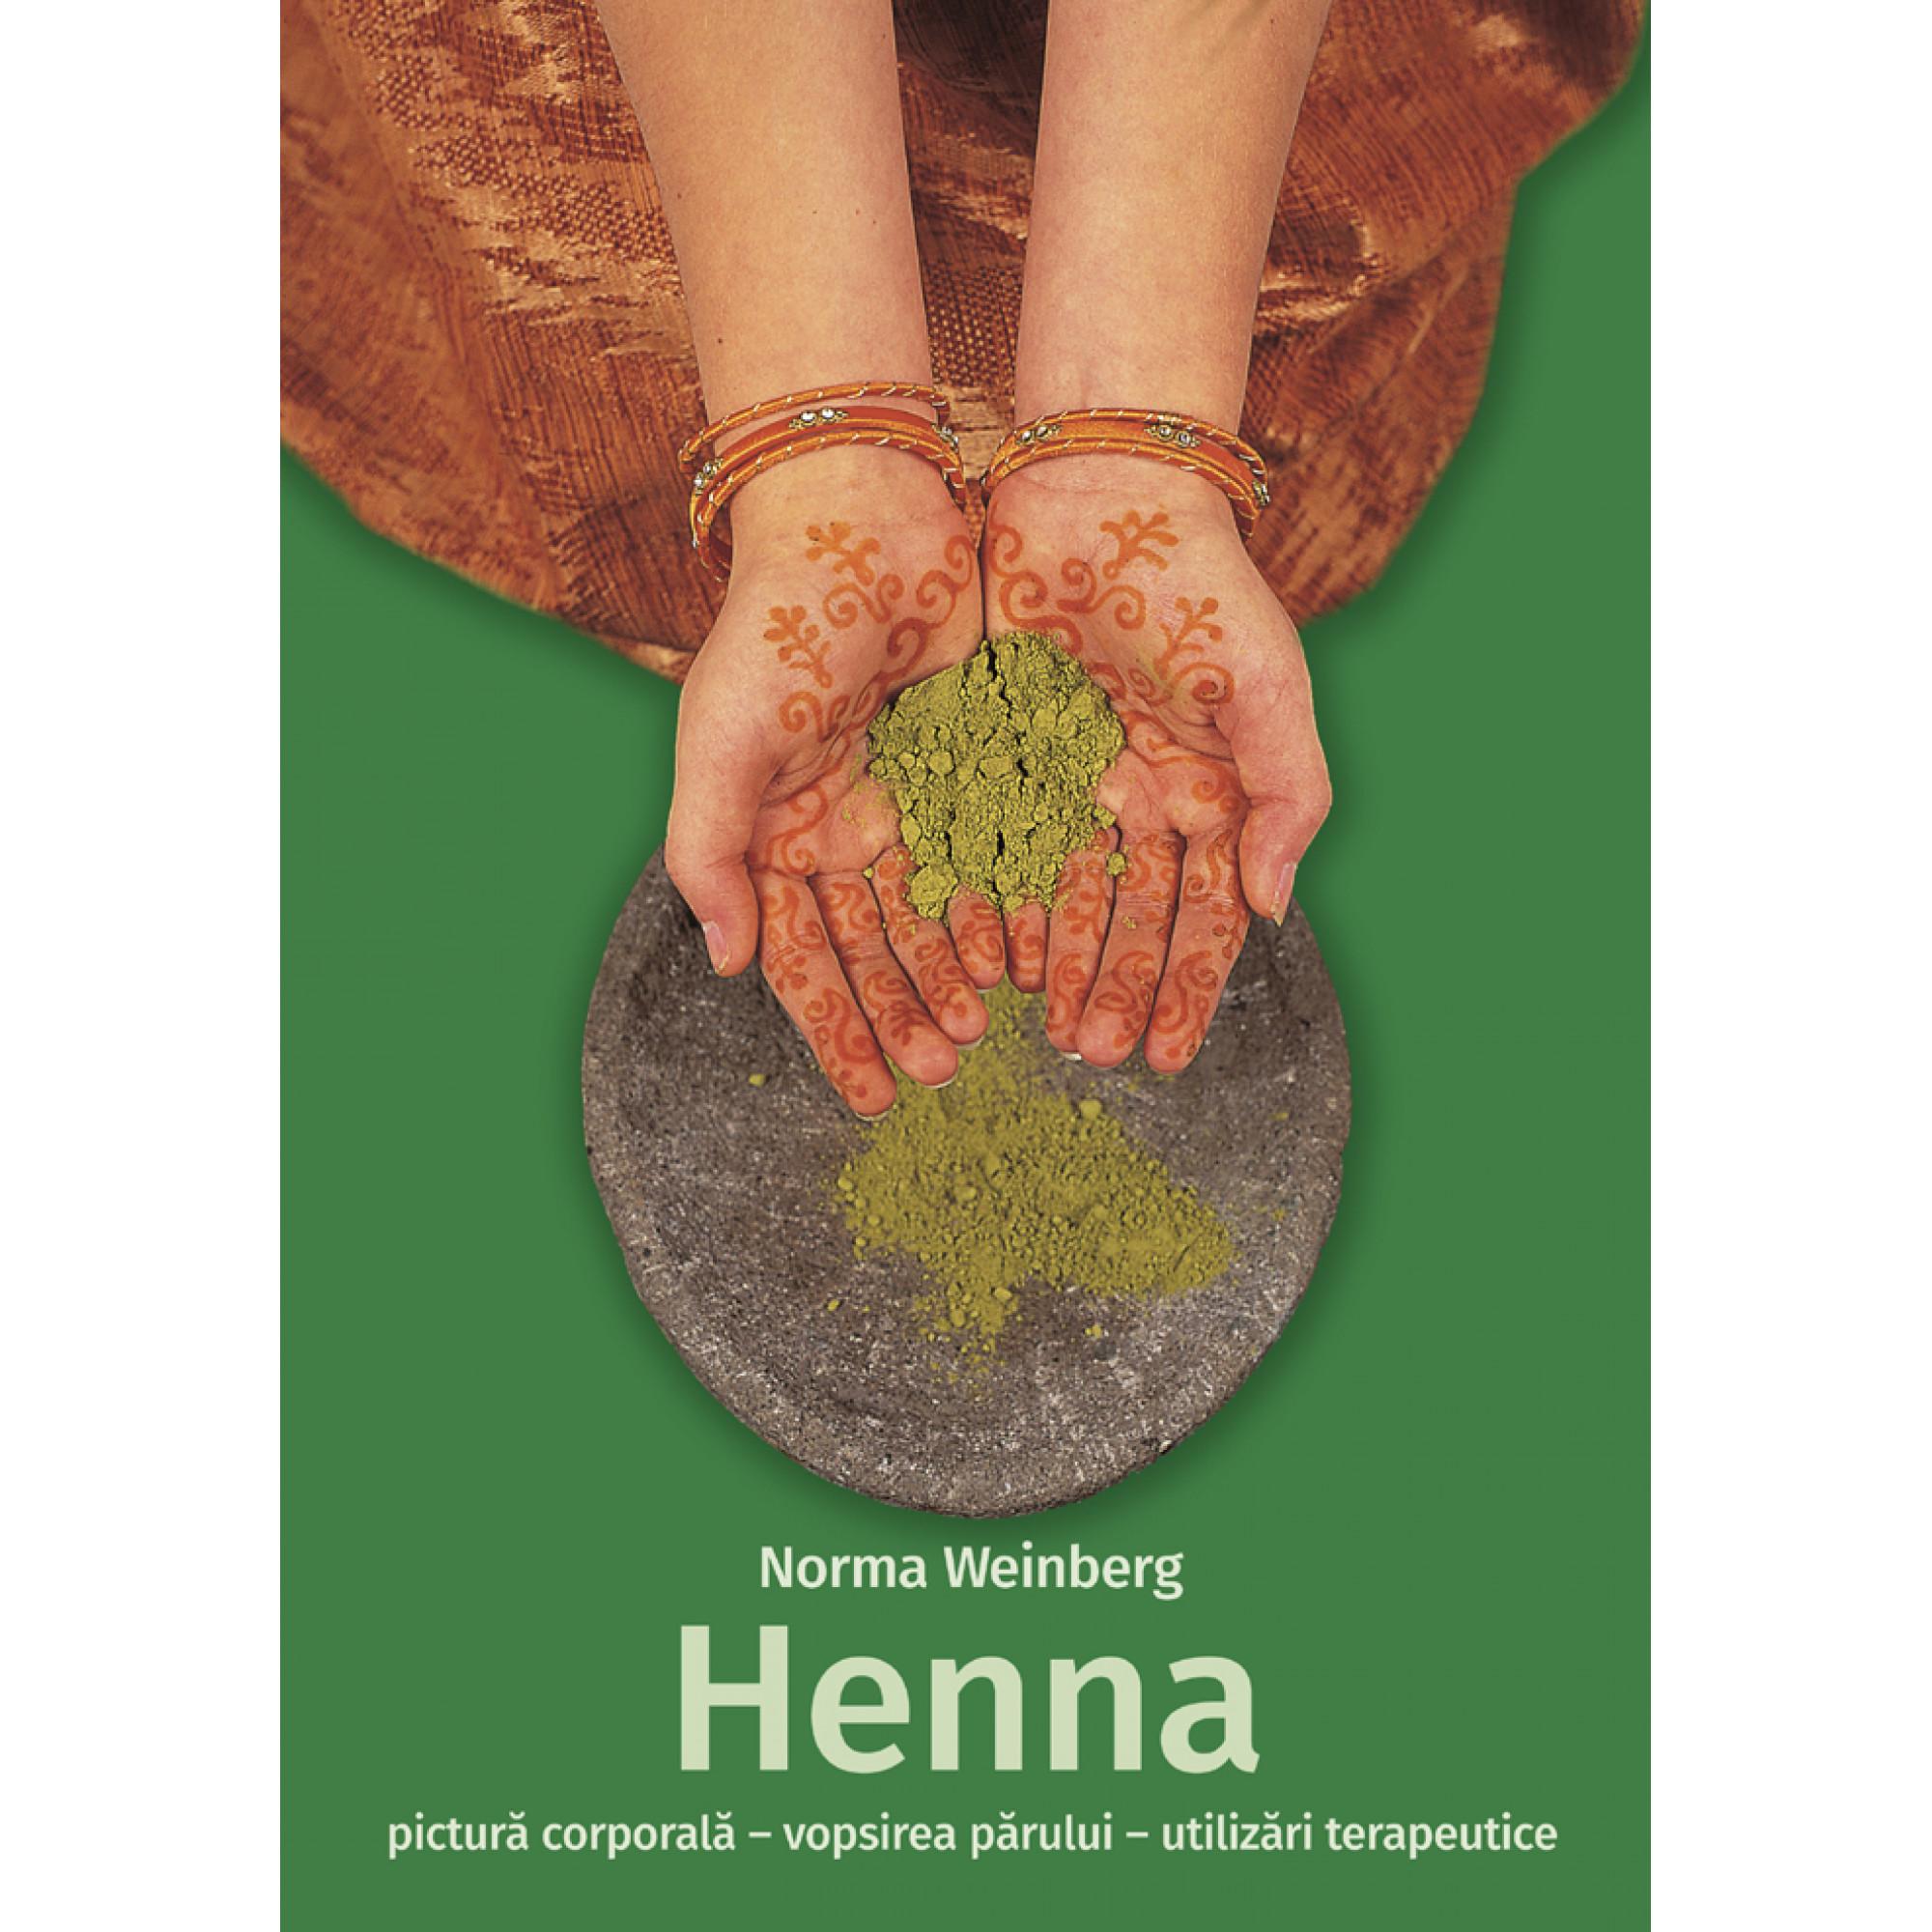 Henna - pictură corporală, vopsirea părului, utilizări terapeutice